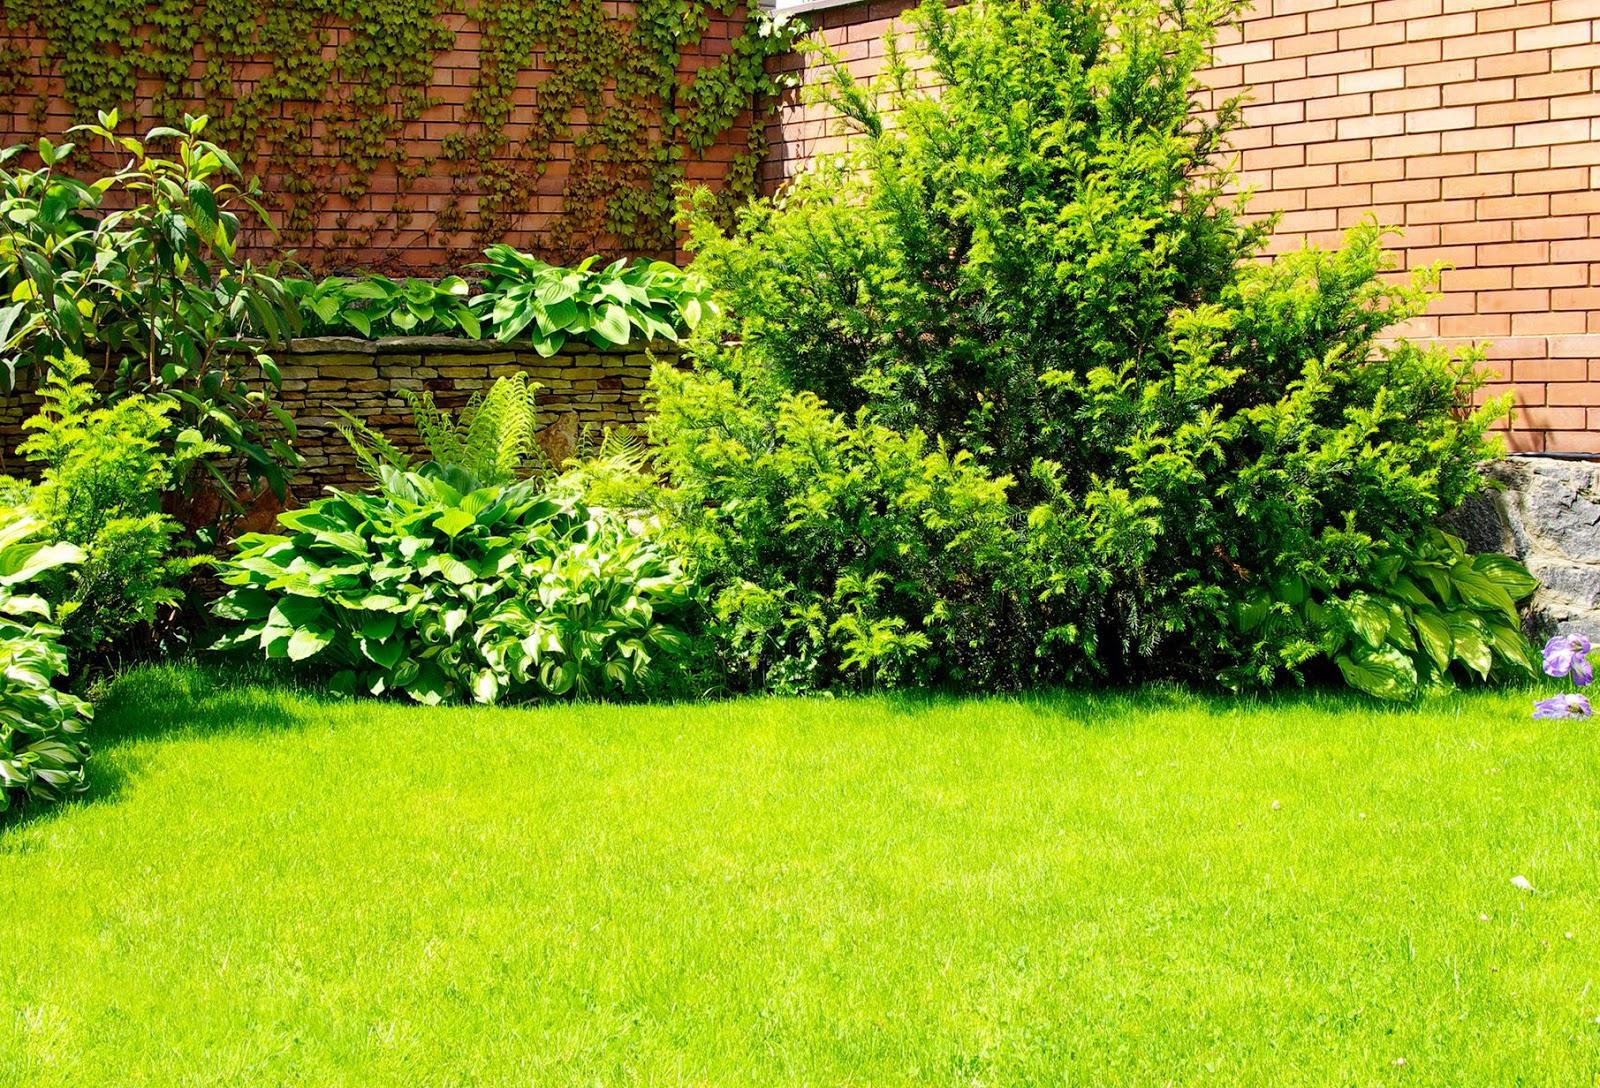 Im gene experience 9 fotos de jardines dise o exterior for Fotos de jardines